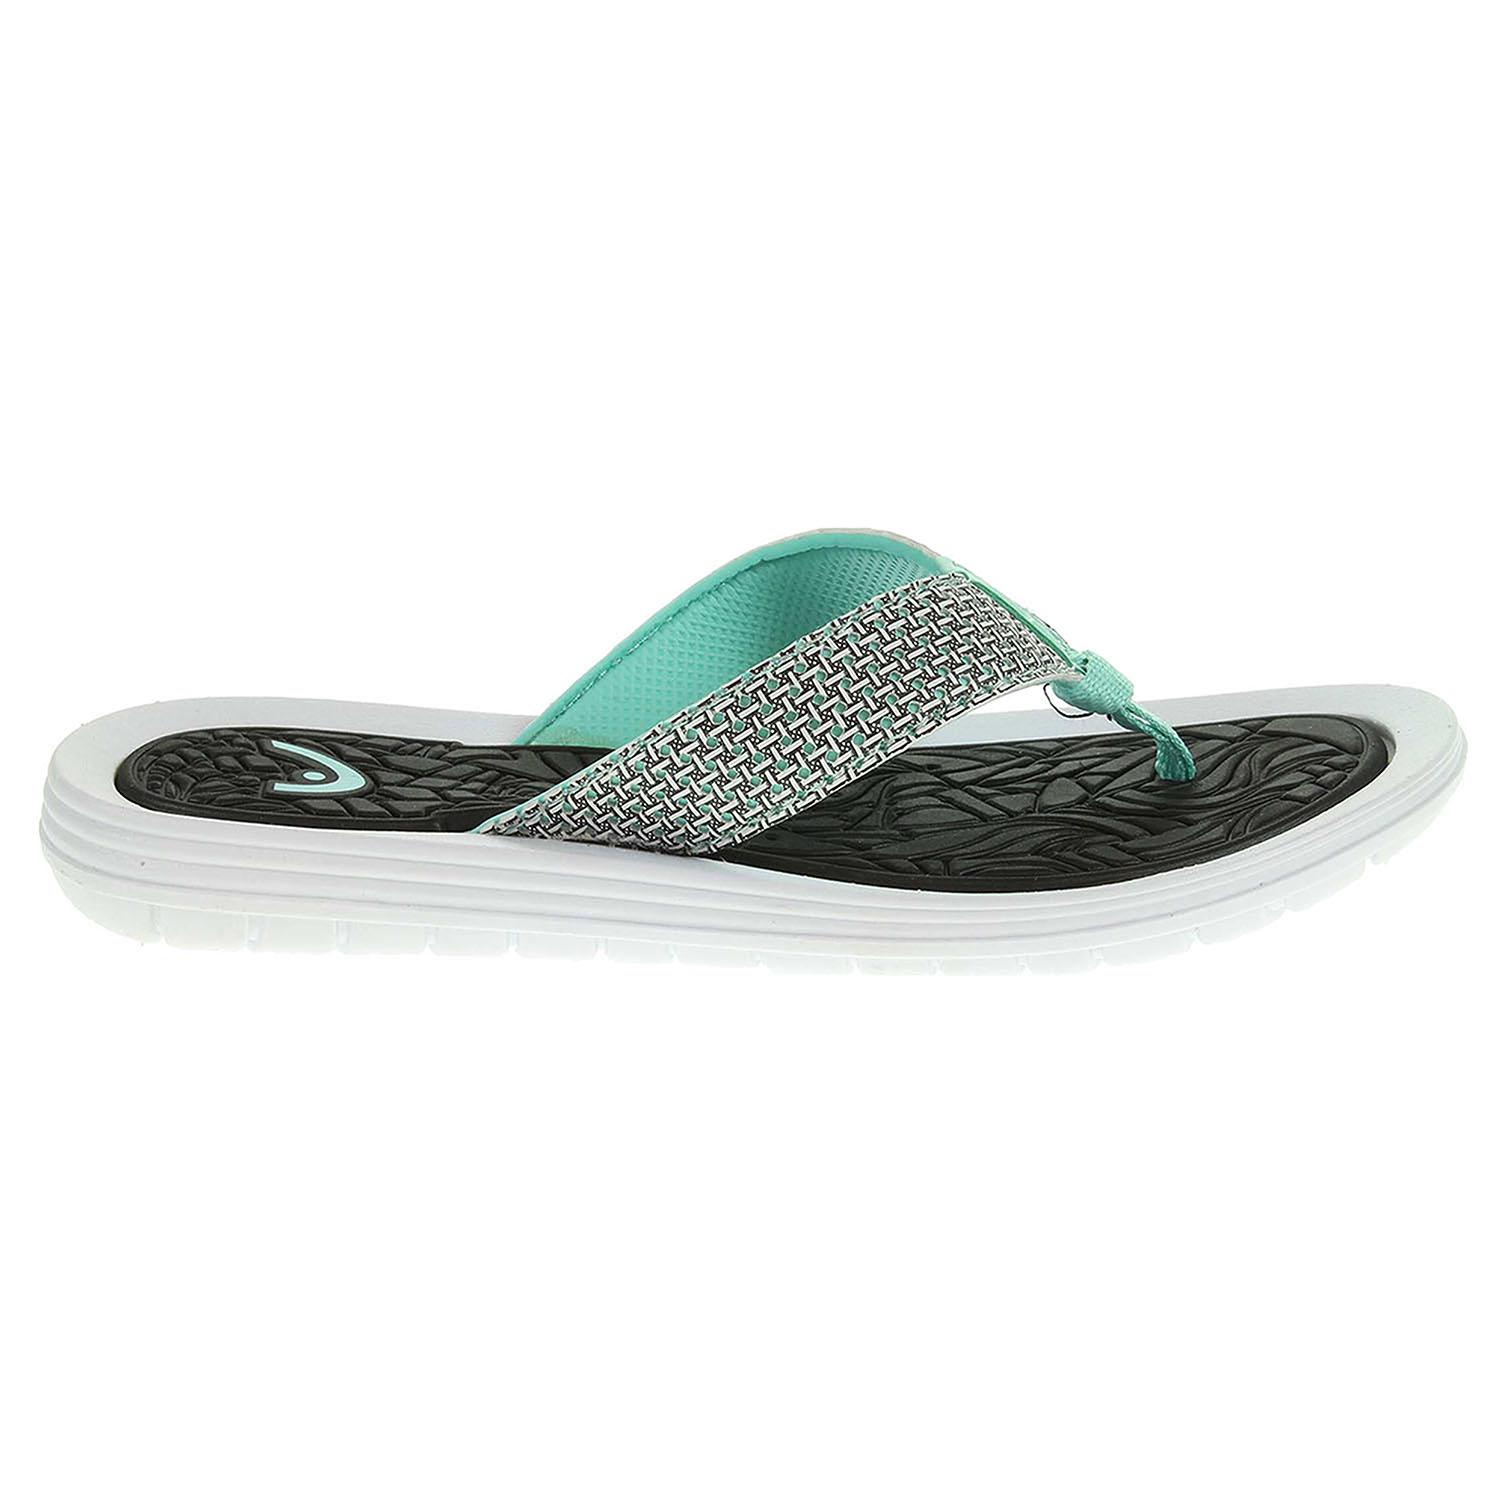 Ecco Head plážové pantofle HY-210-32-01 zelené 23700331